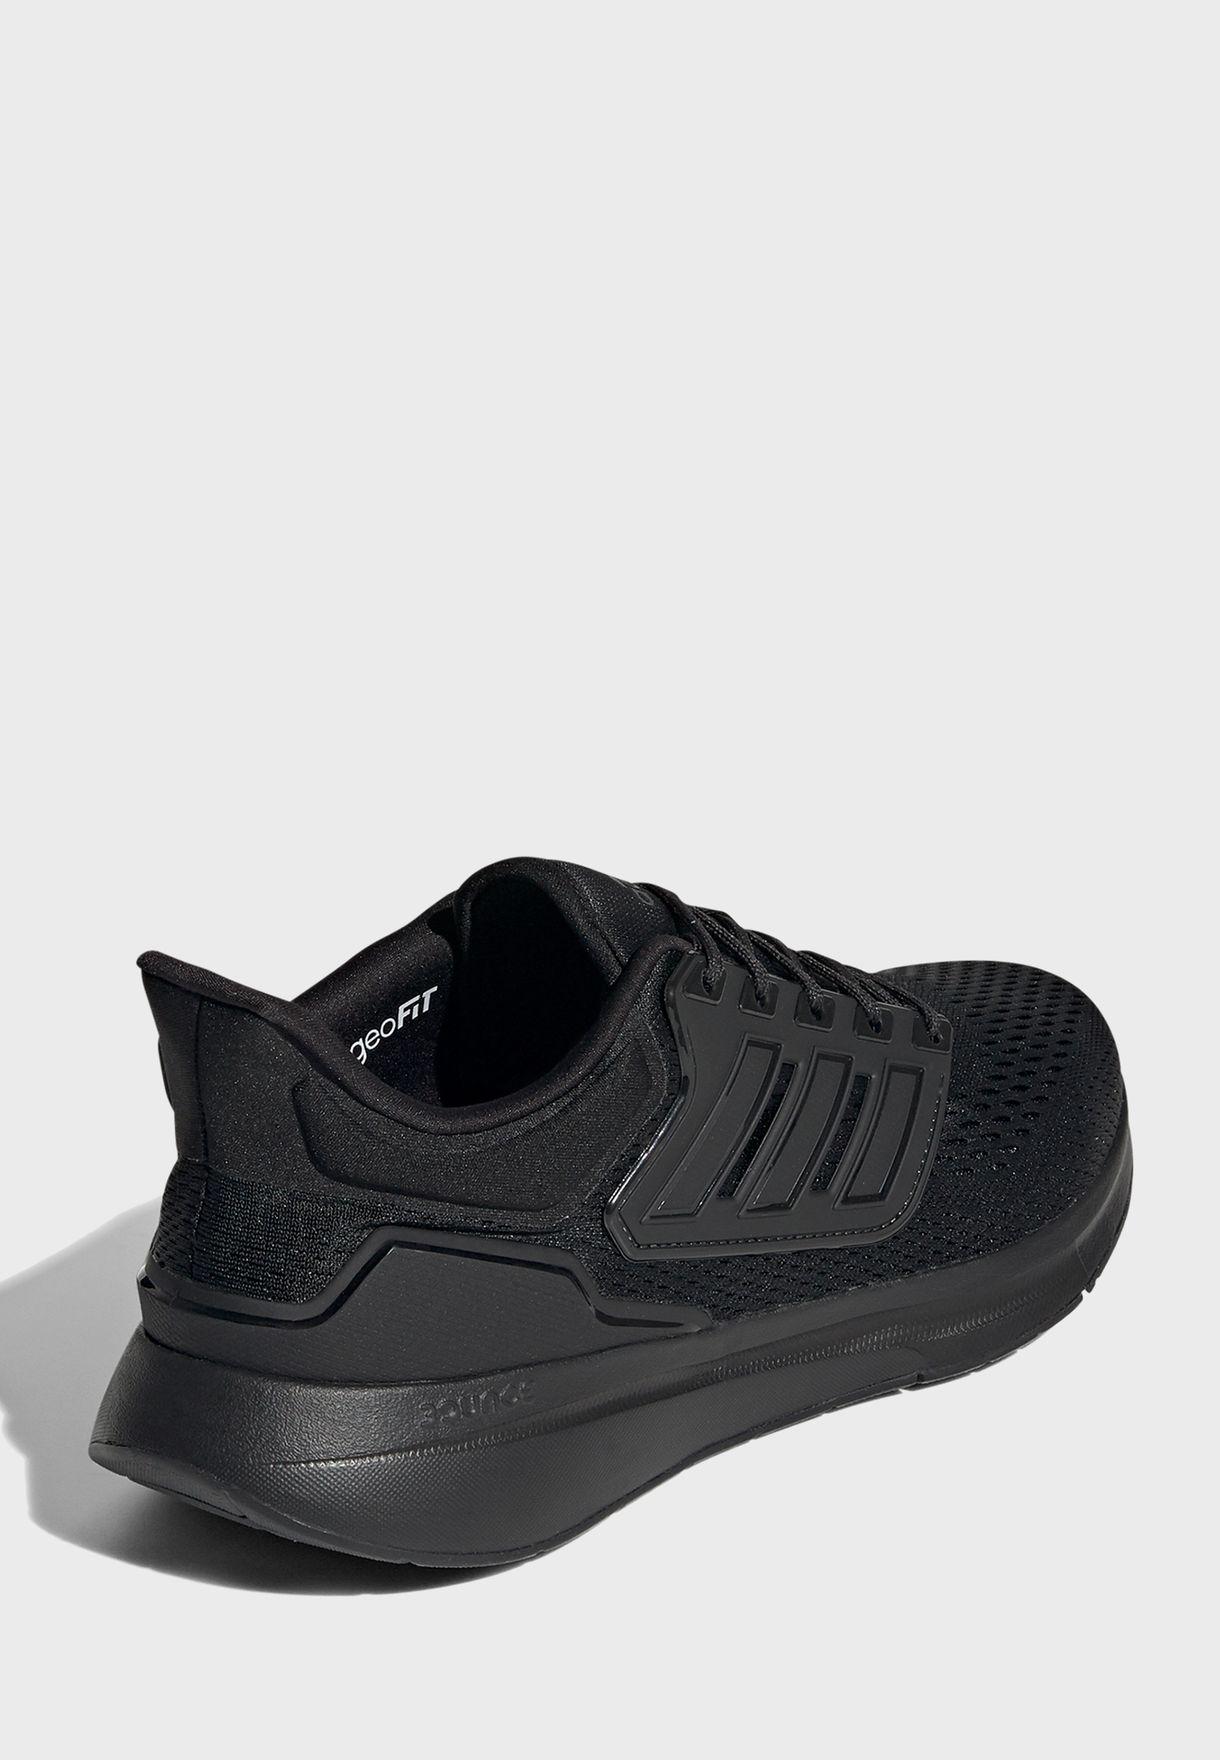 حذاء اي كيو 21 رن